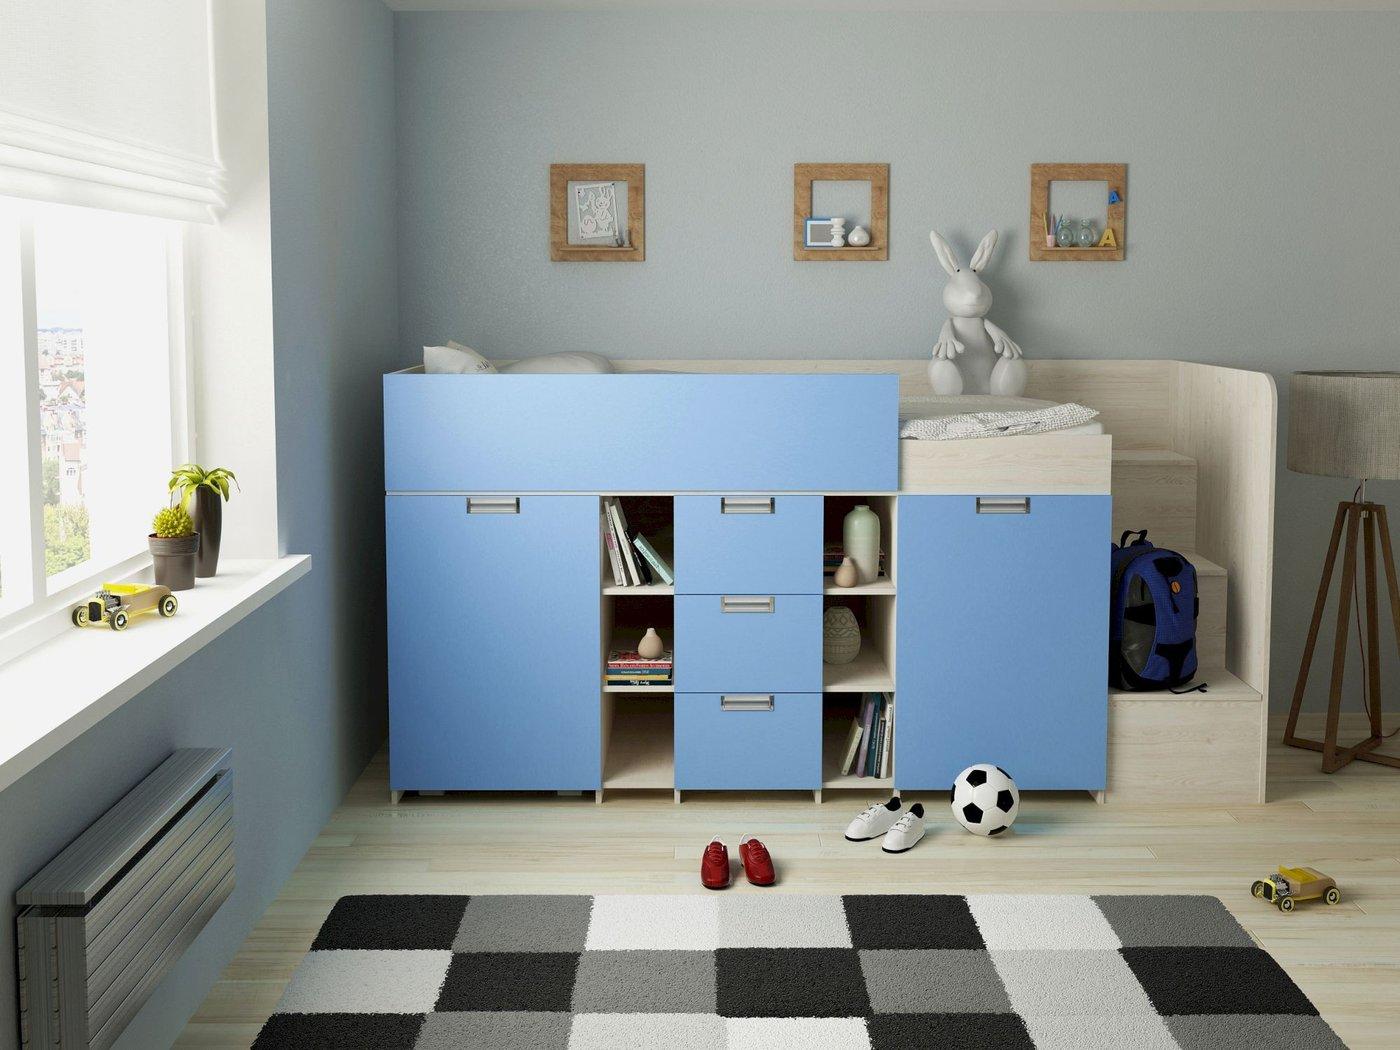 Full Size of Kinderzimmer Hochbett Komfort Berg E1 Zertifizierte Spanplatte Regale Regal Weiß Sofa Kinderzimmer Kinderzimmer Hochbett